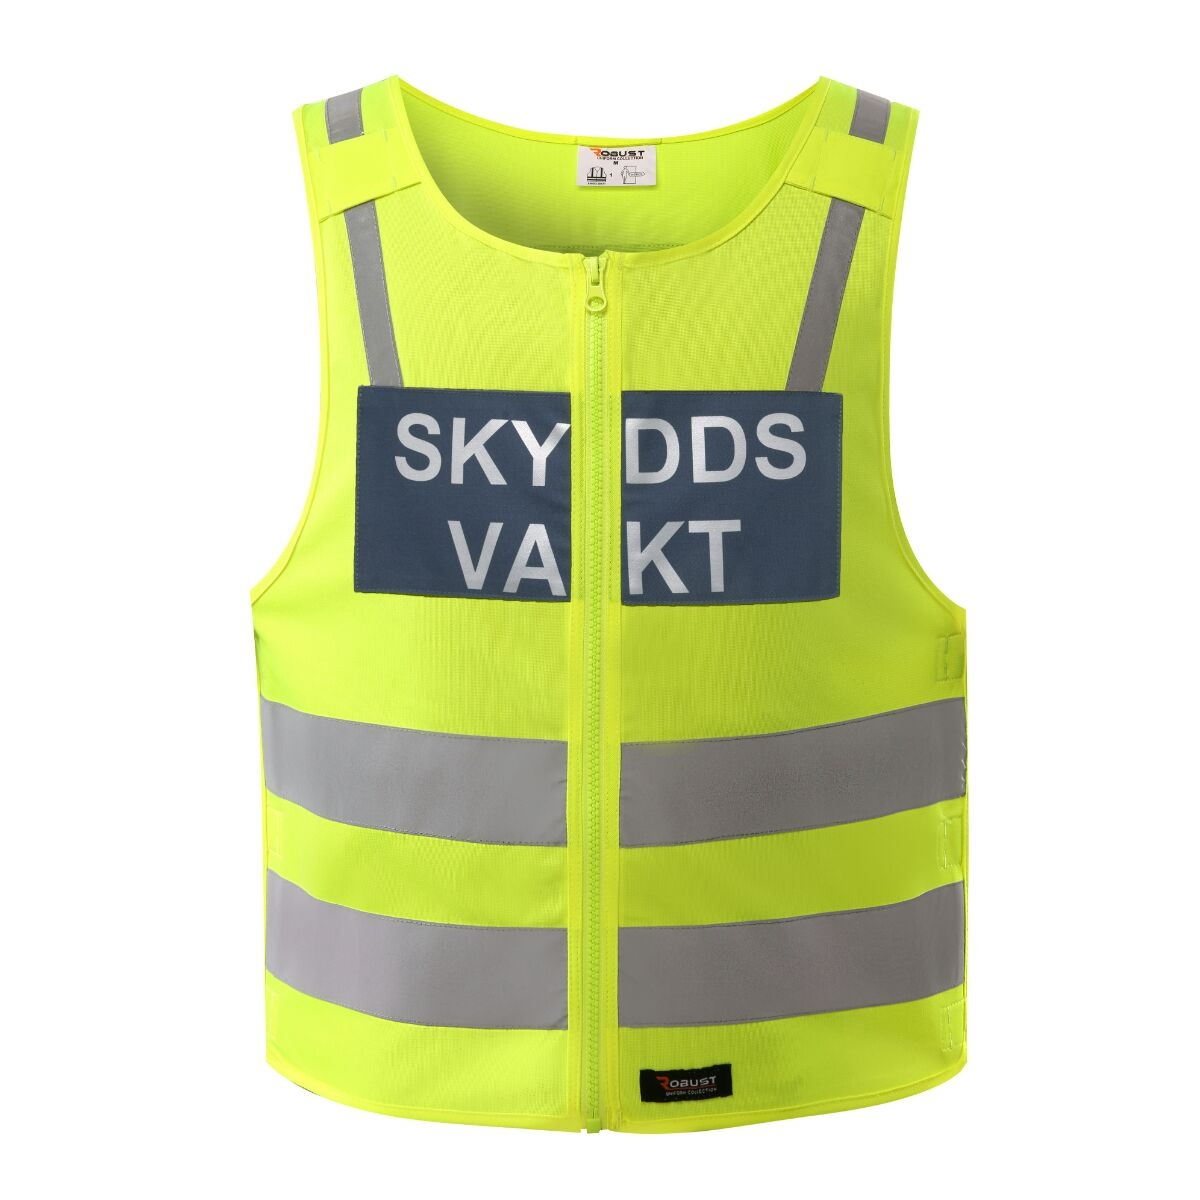 Skyddsvakt Uniformskläder - VAKTBUTIKEN.SE